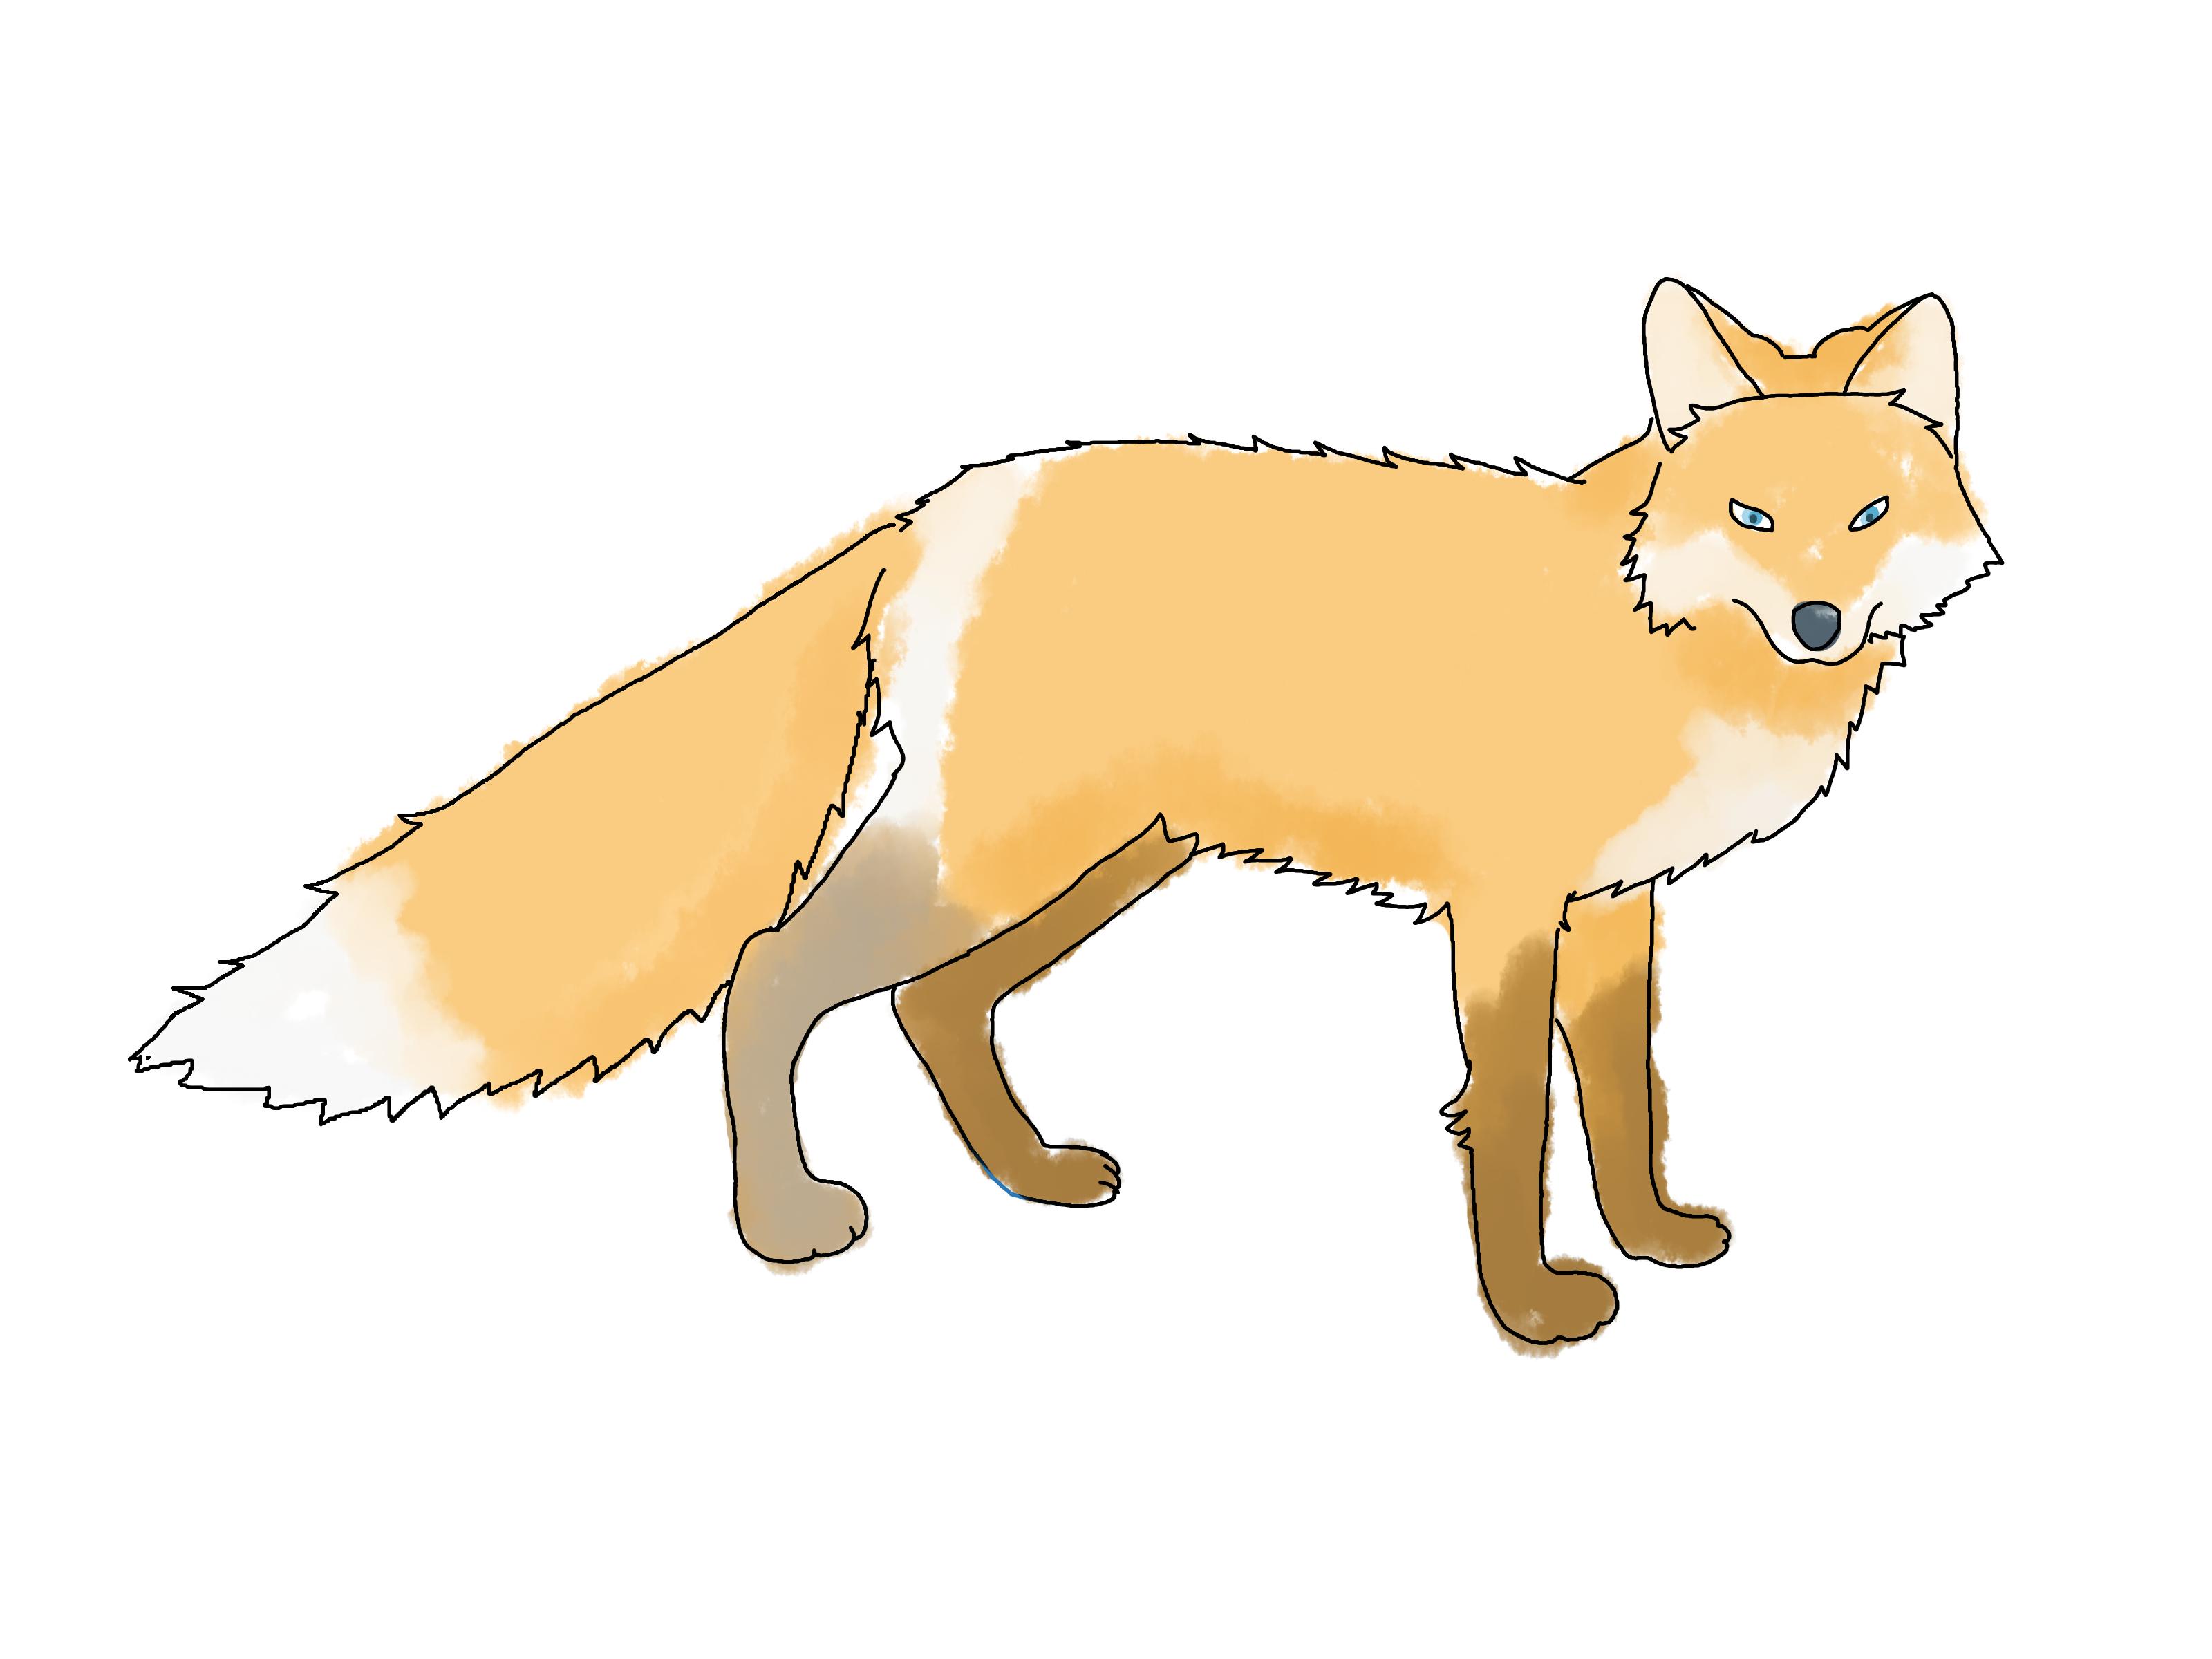 Drawn fox  Draw a wikiHow 4